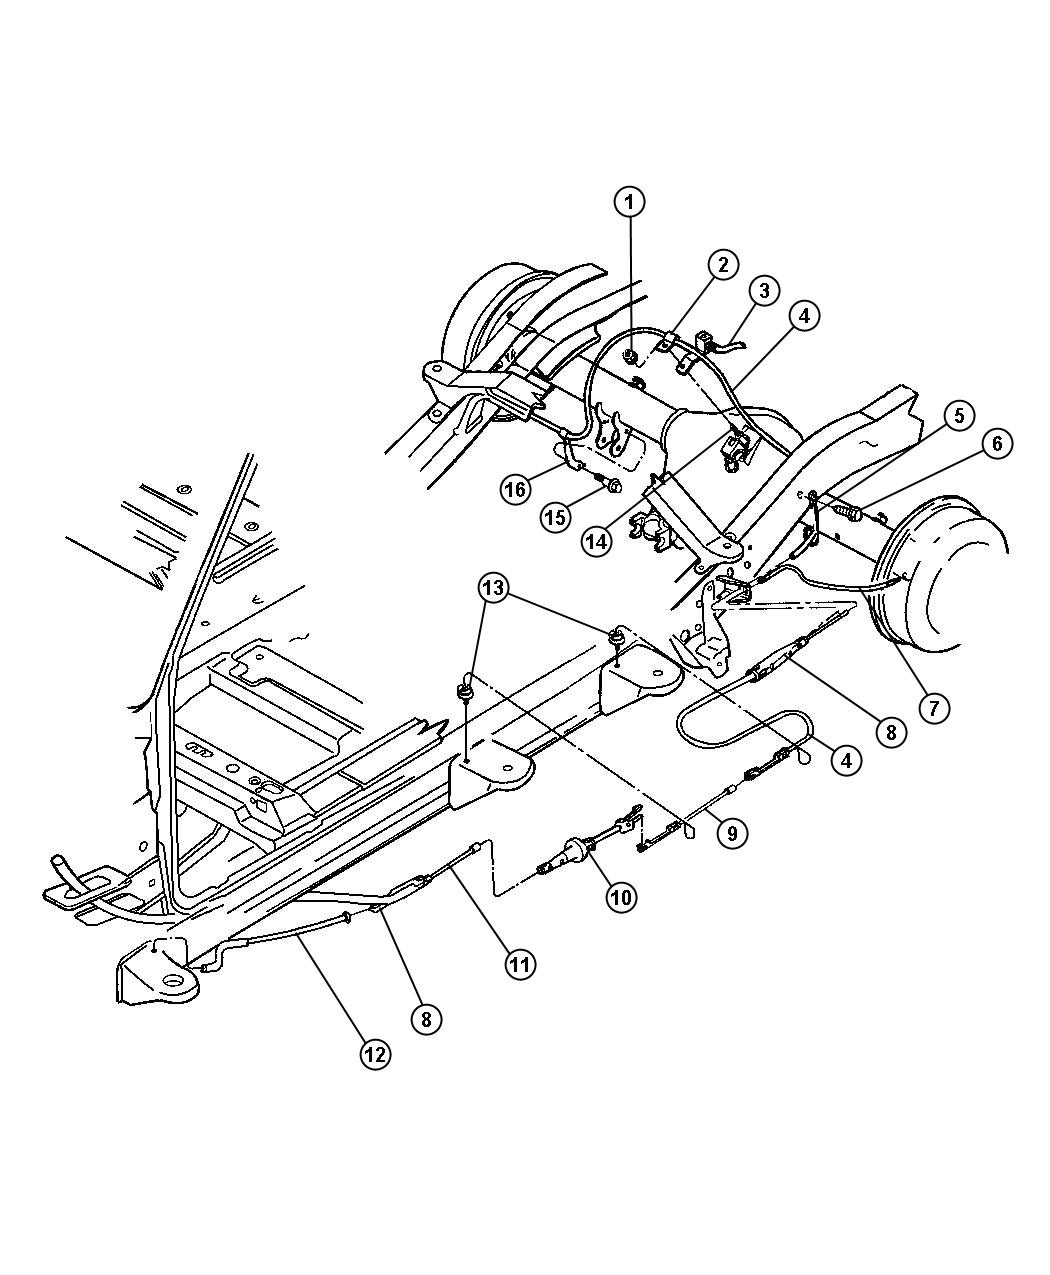 I on 2001 Dodge Dakota Rear Brake Diagram